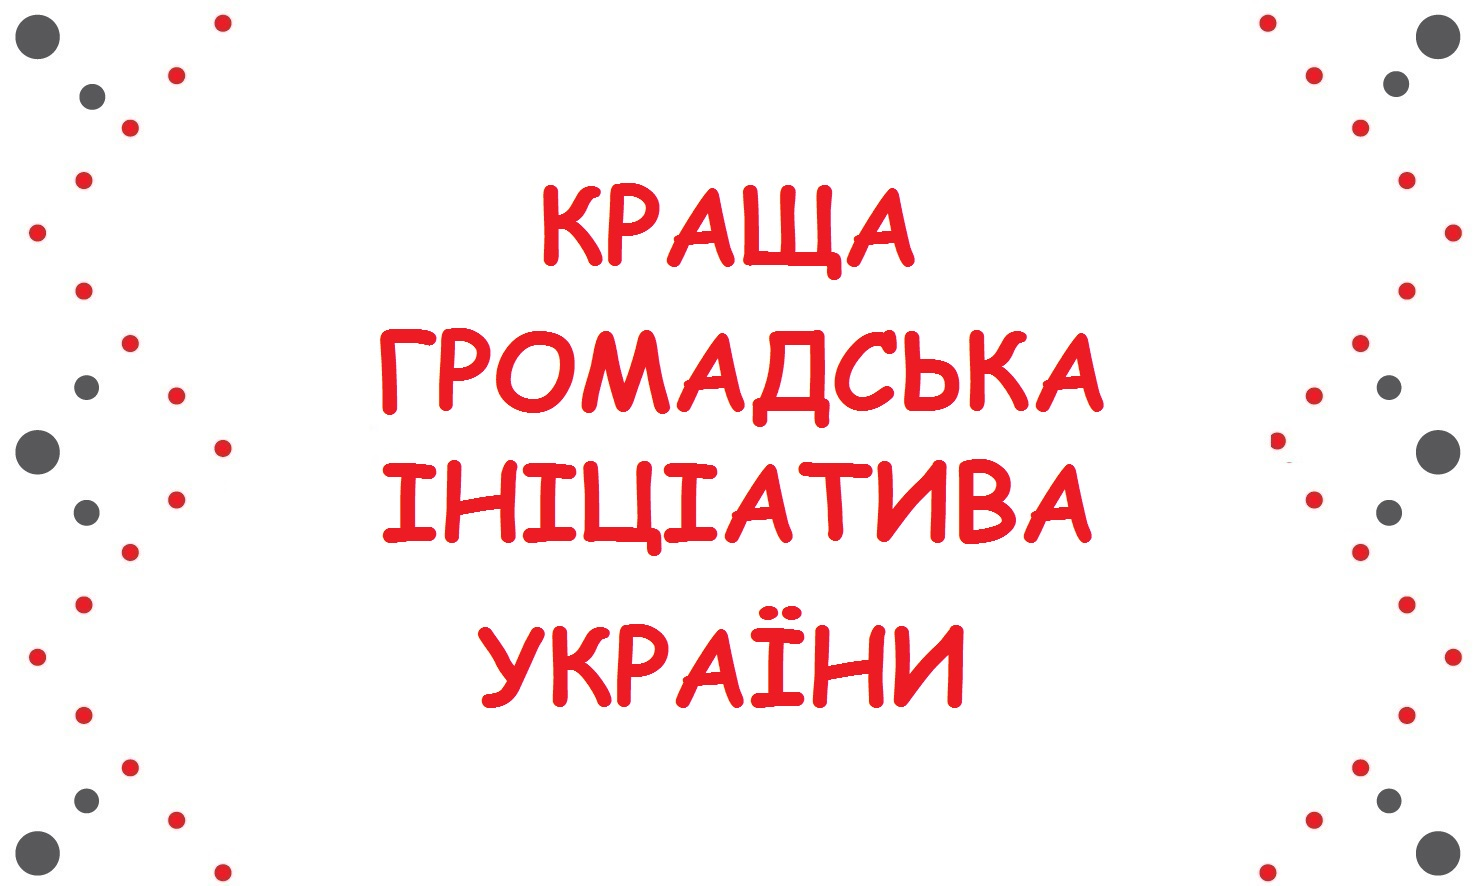 Третій всеукраїнський конкурс «Краща громадська ініціатива України '15». Продовжено прийом заявок до 01.06.2016